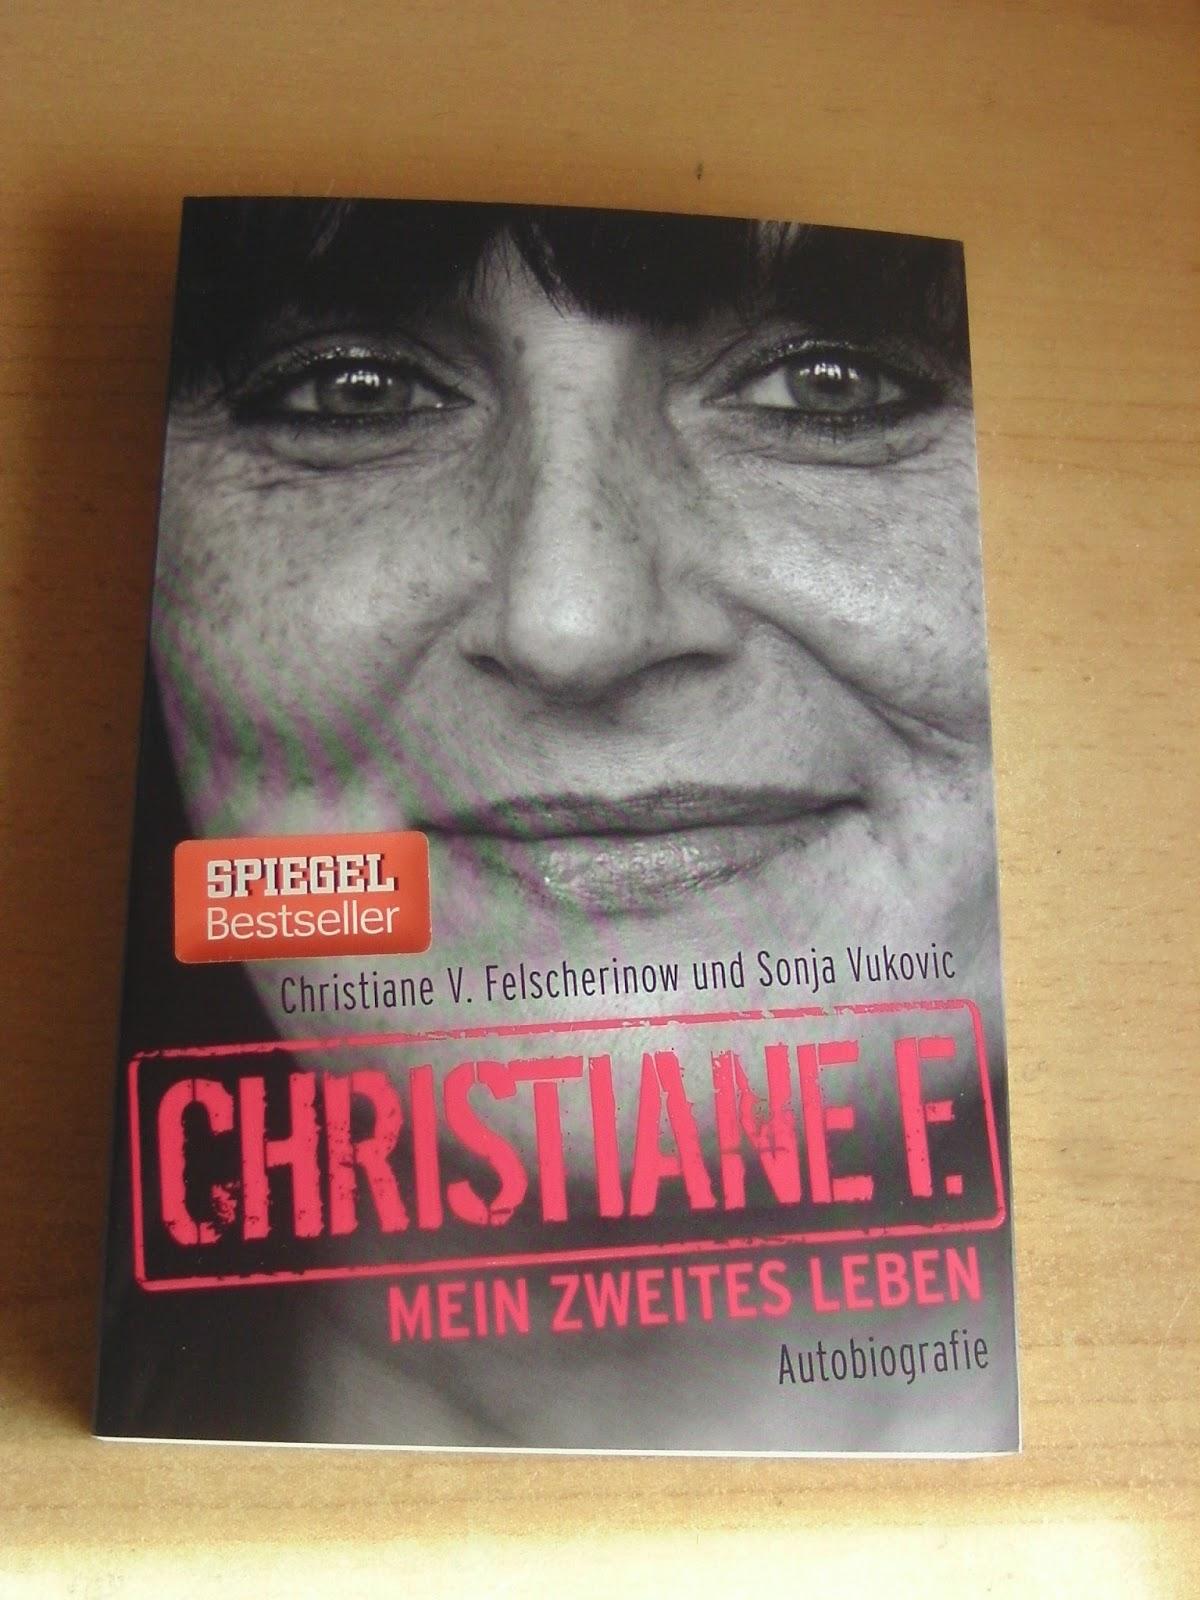 http://www.amazon.de/Christiane-F-zweites-Leben-Autobiografie/dp/3943737128/ref=sr_1_1?s=books&ie=UTF8&qid=1424039725&sr=1-1&keywords=mein+zweites+leben